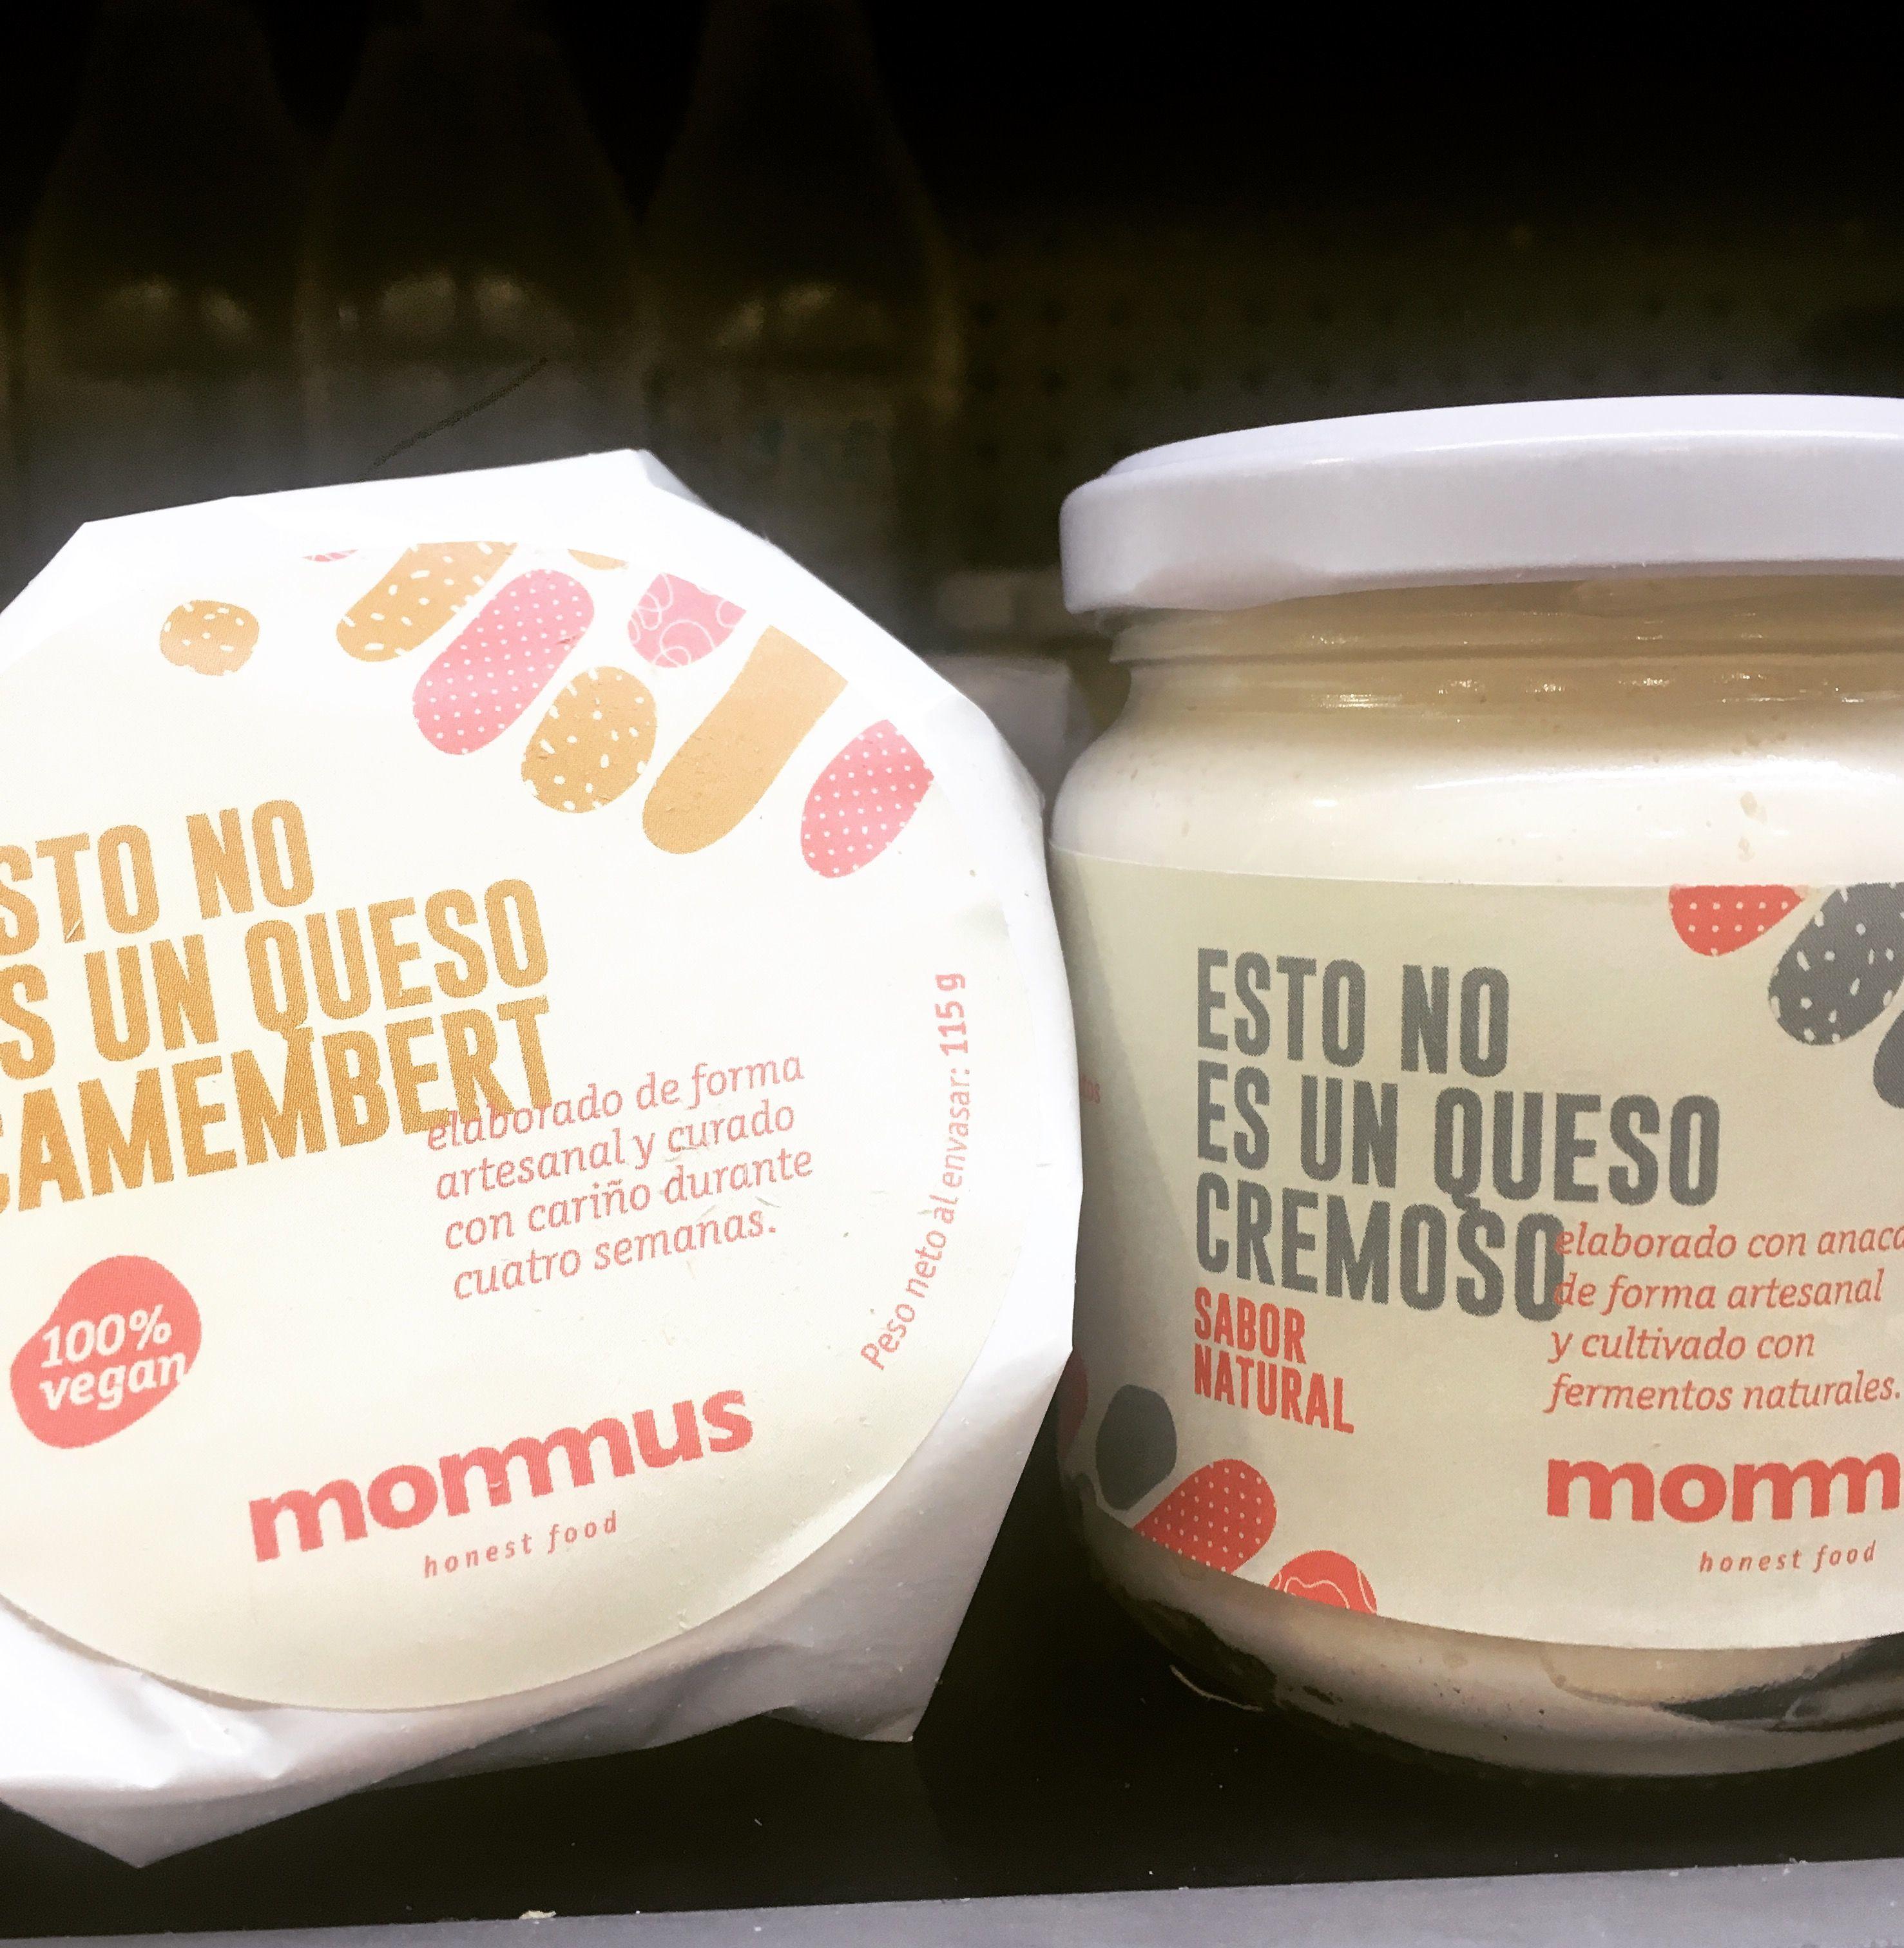 Mommus: Productos de Vilateca